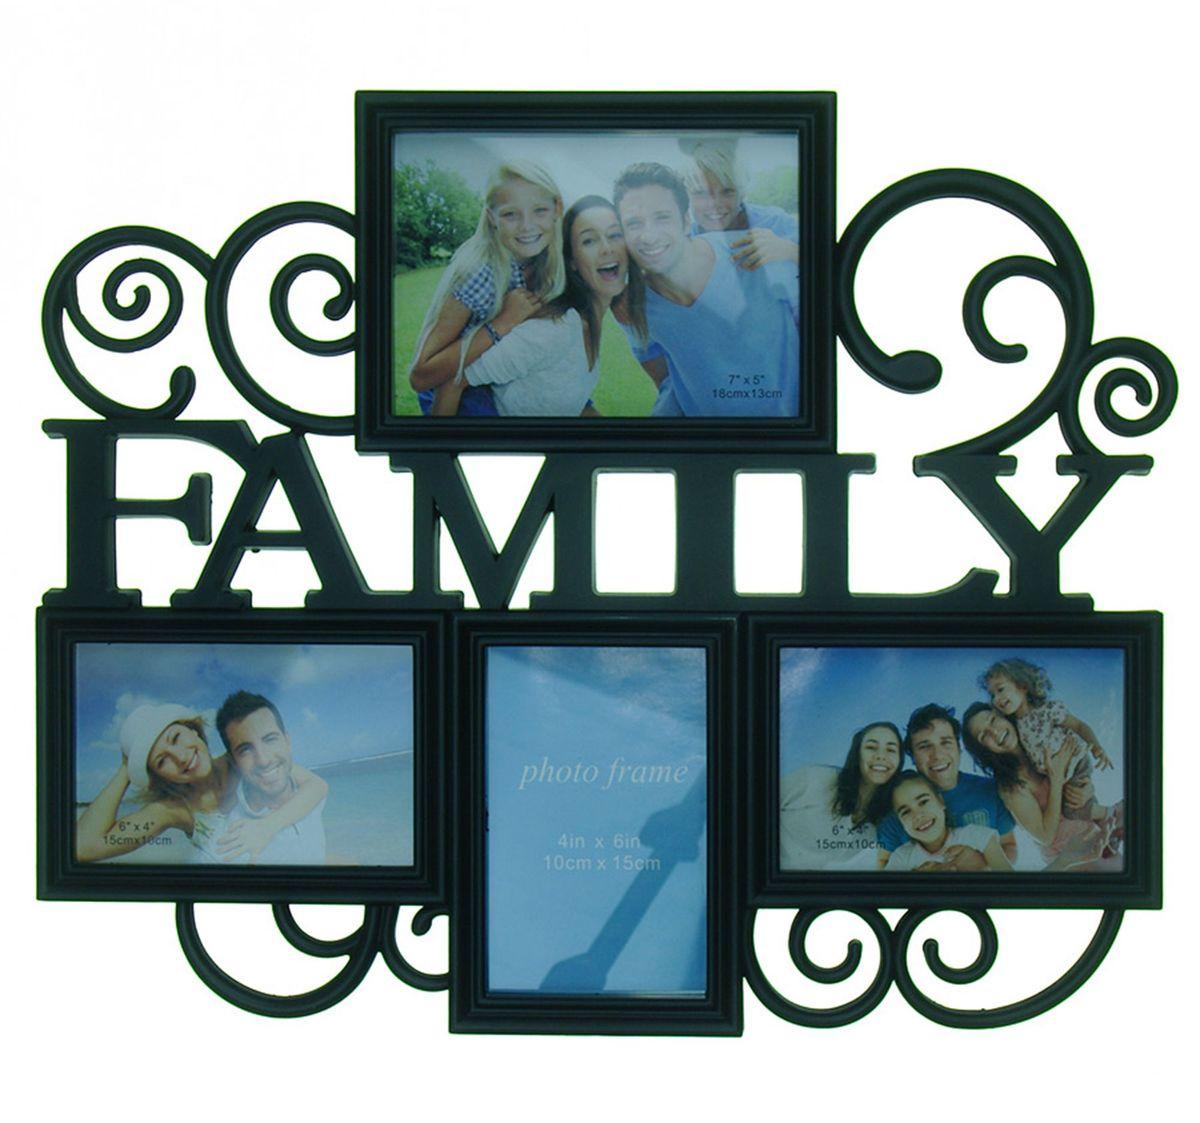 Фоторамка Platinum Family, цвет: черный, на 4 фото. BH-1314Брелок для сумкиФоторамка Platinum Family - прекрасный способ красиво оформить ваши фотографии. Фоторамка выполнена из пластика и защищена стеклом. Фоторамка-коллаж представляет собой четыре фоторамки для фото разного размера оригинально соединенных между собой. Такая фоторамка поможет сохранить в памяти самые яркие моменты вашей жизни, а стильный дизайн сделает ее прекрасным дополнением интерьера комнаты.Фоторамка подходит для 2 фото 15 х 10 см, 1 фото 10 х 15 см и 1 фото 18 х 13 см.Общий размер фоторамки: 47 х 38 см.